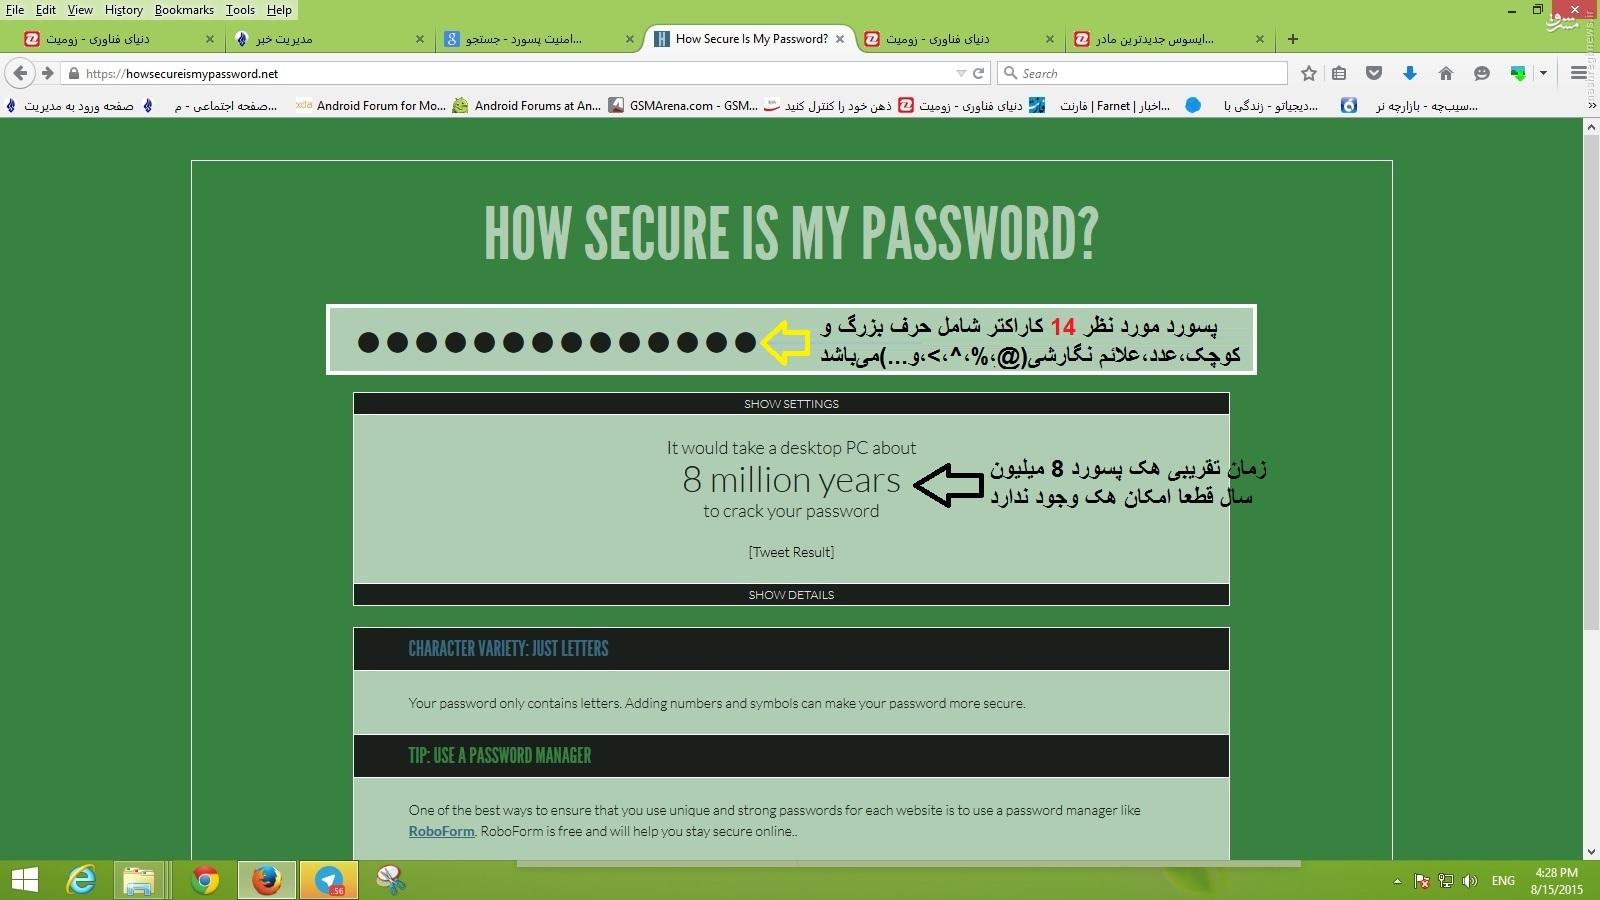 راههای افزایش امنیت پسوردهای الکترونیکی +آموزش